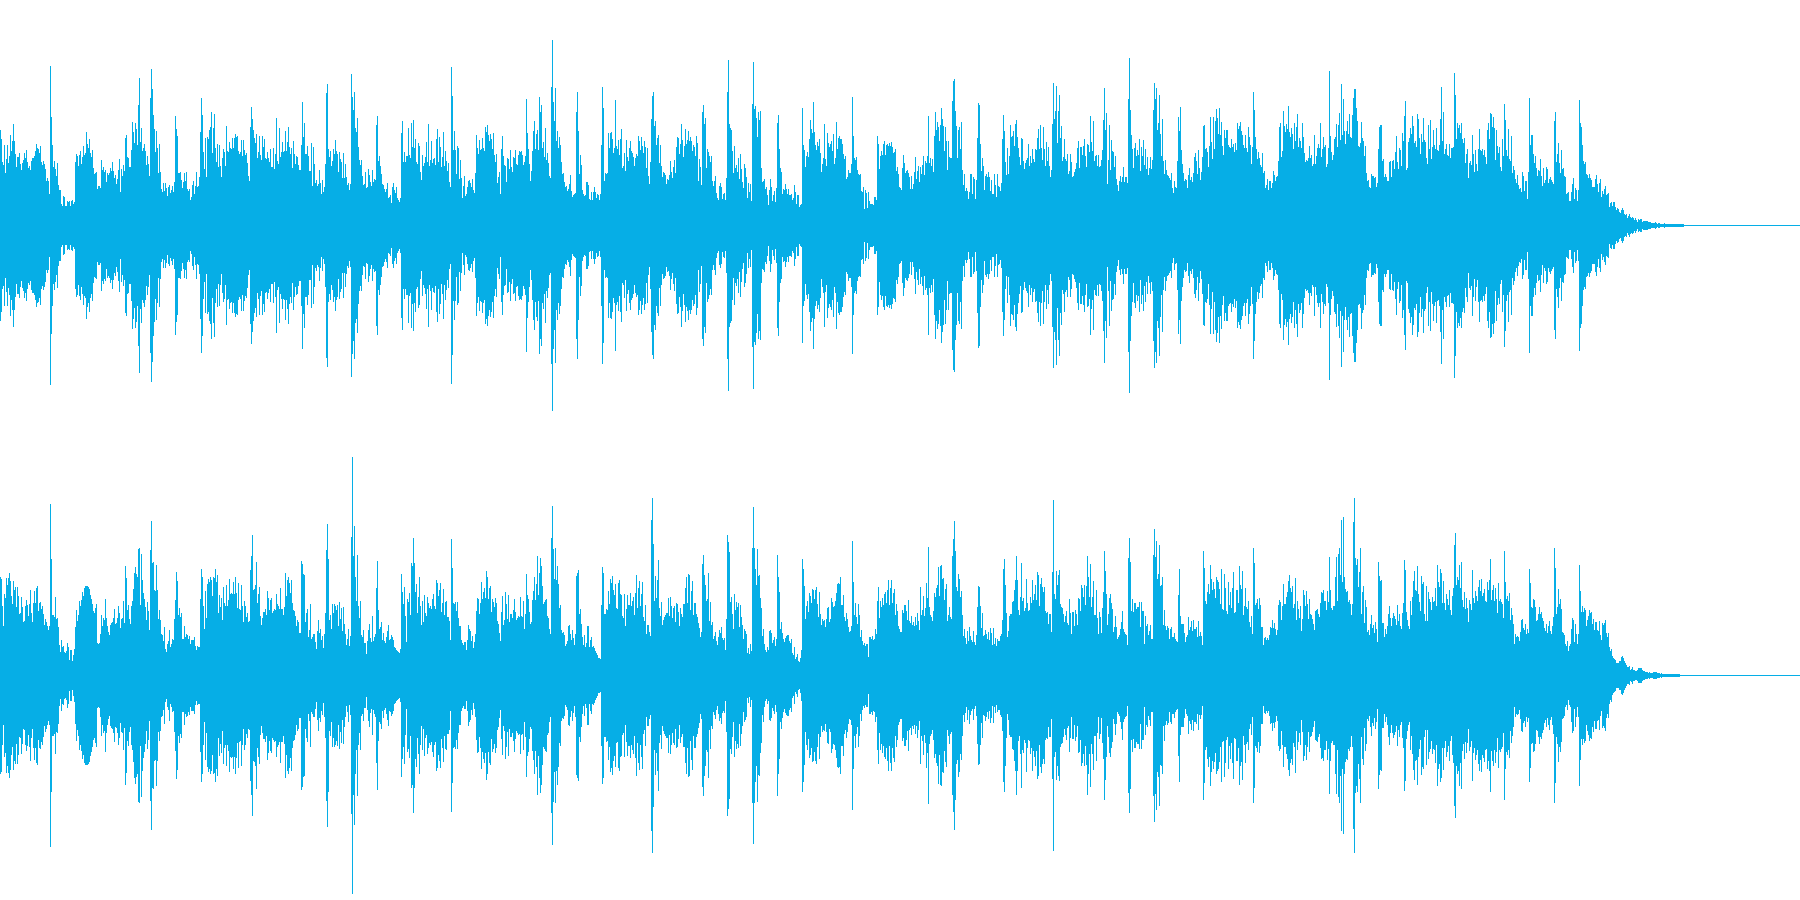 エレクトロ風のジングルの再生済みの波形